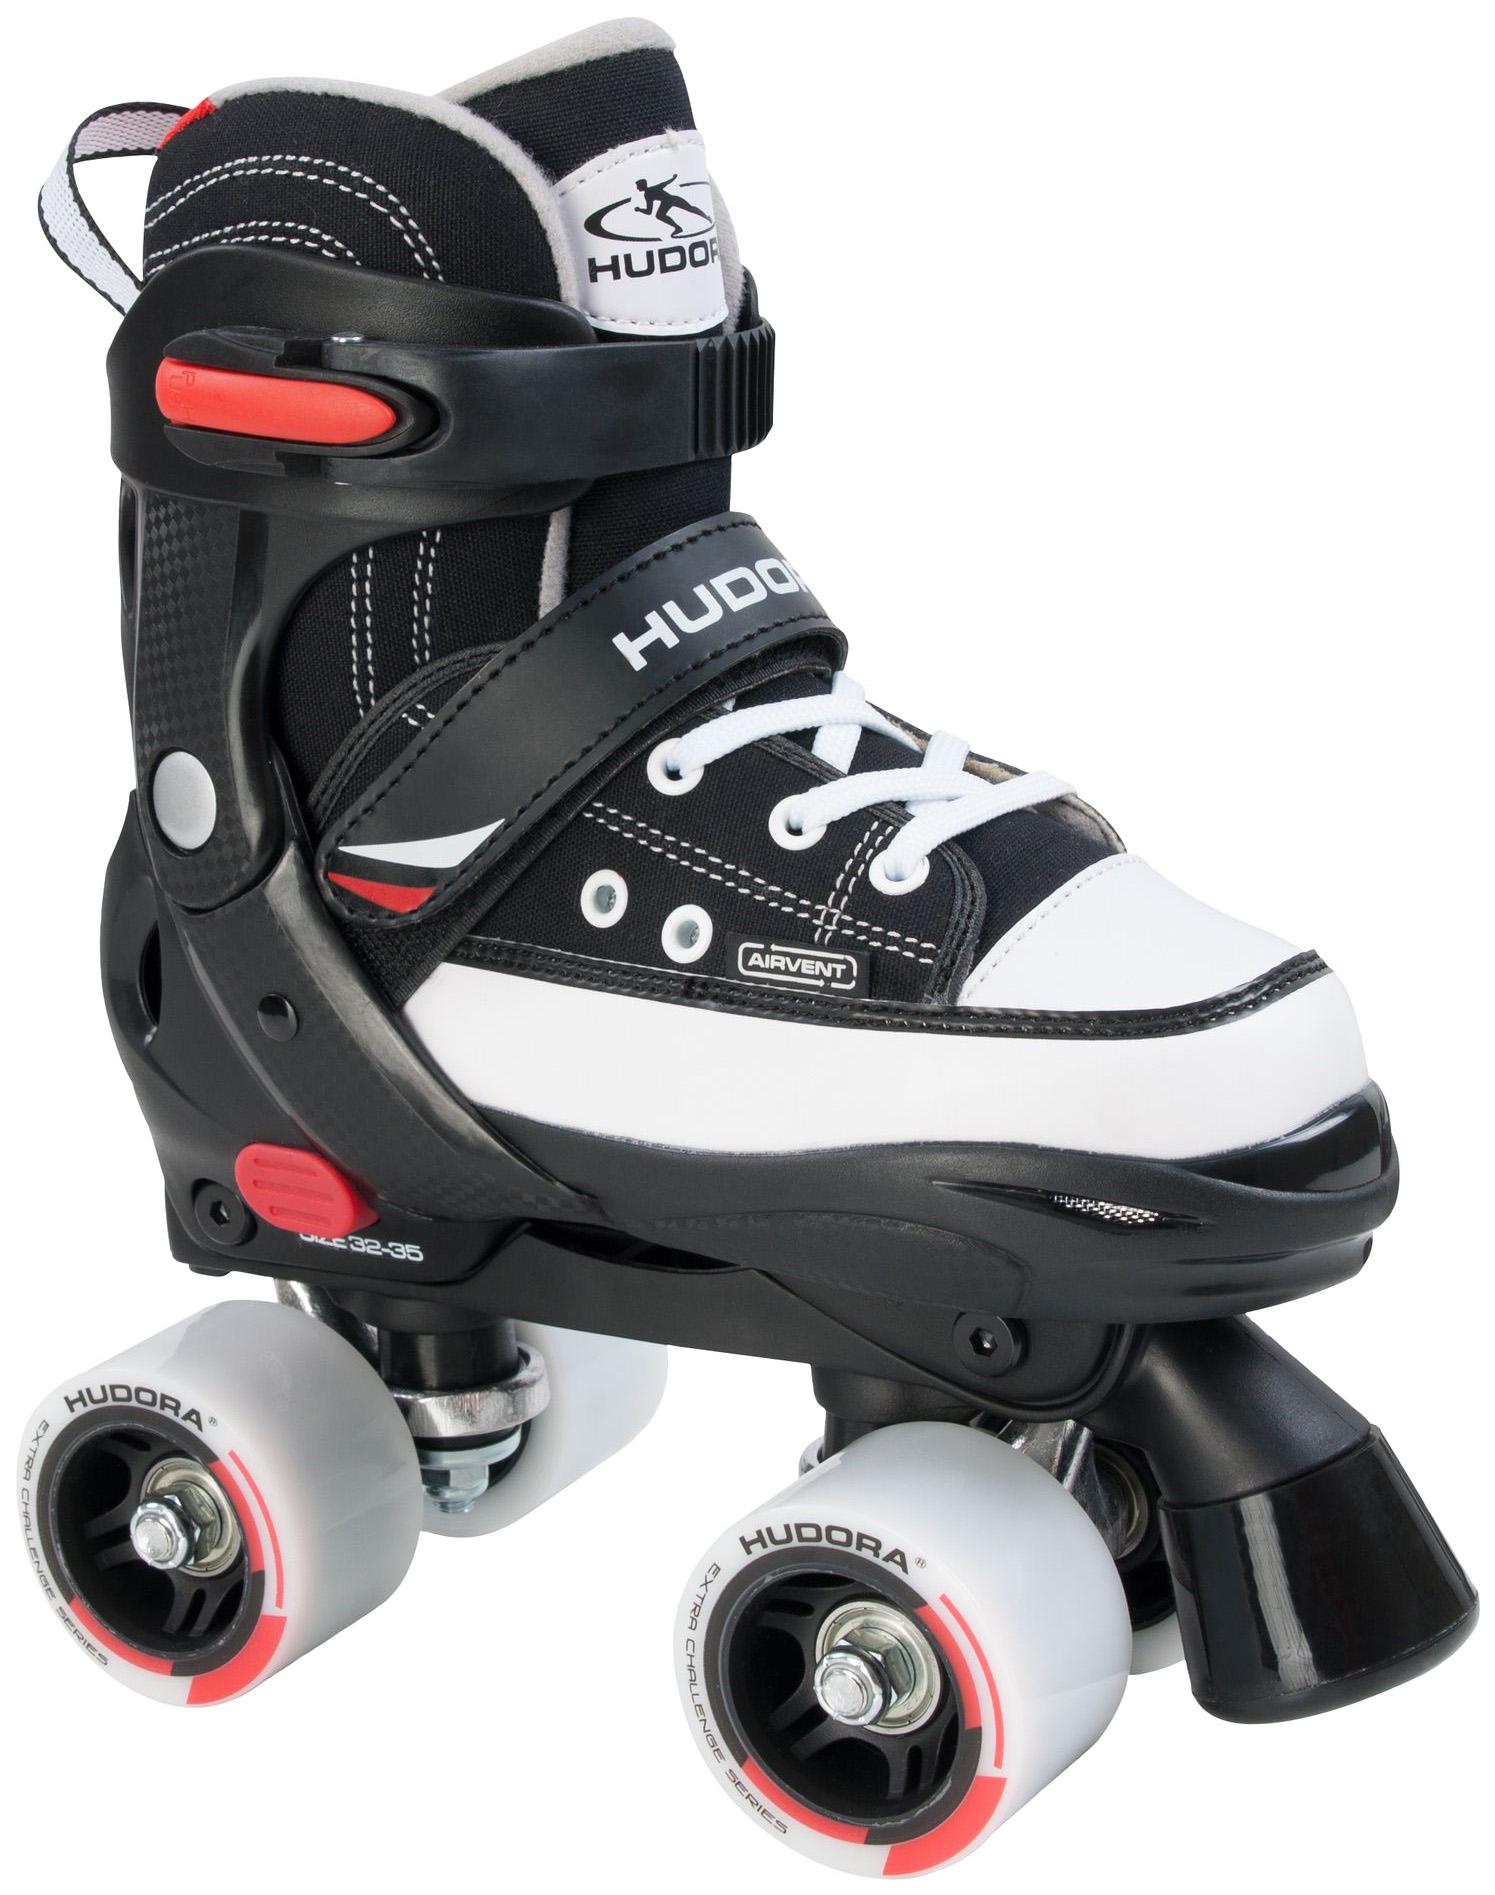 Купить Роликовые коньки раздвижные детские Hudora Roller Skates Черные р.32-35,